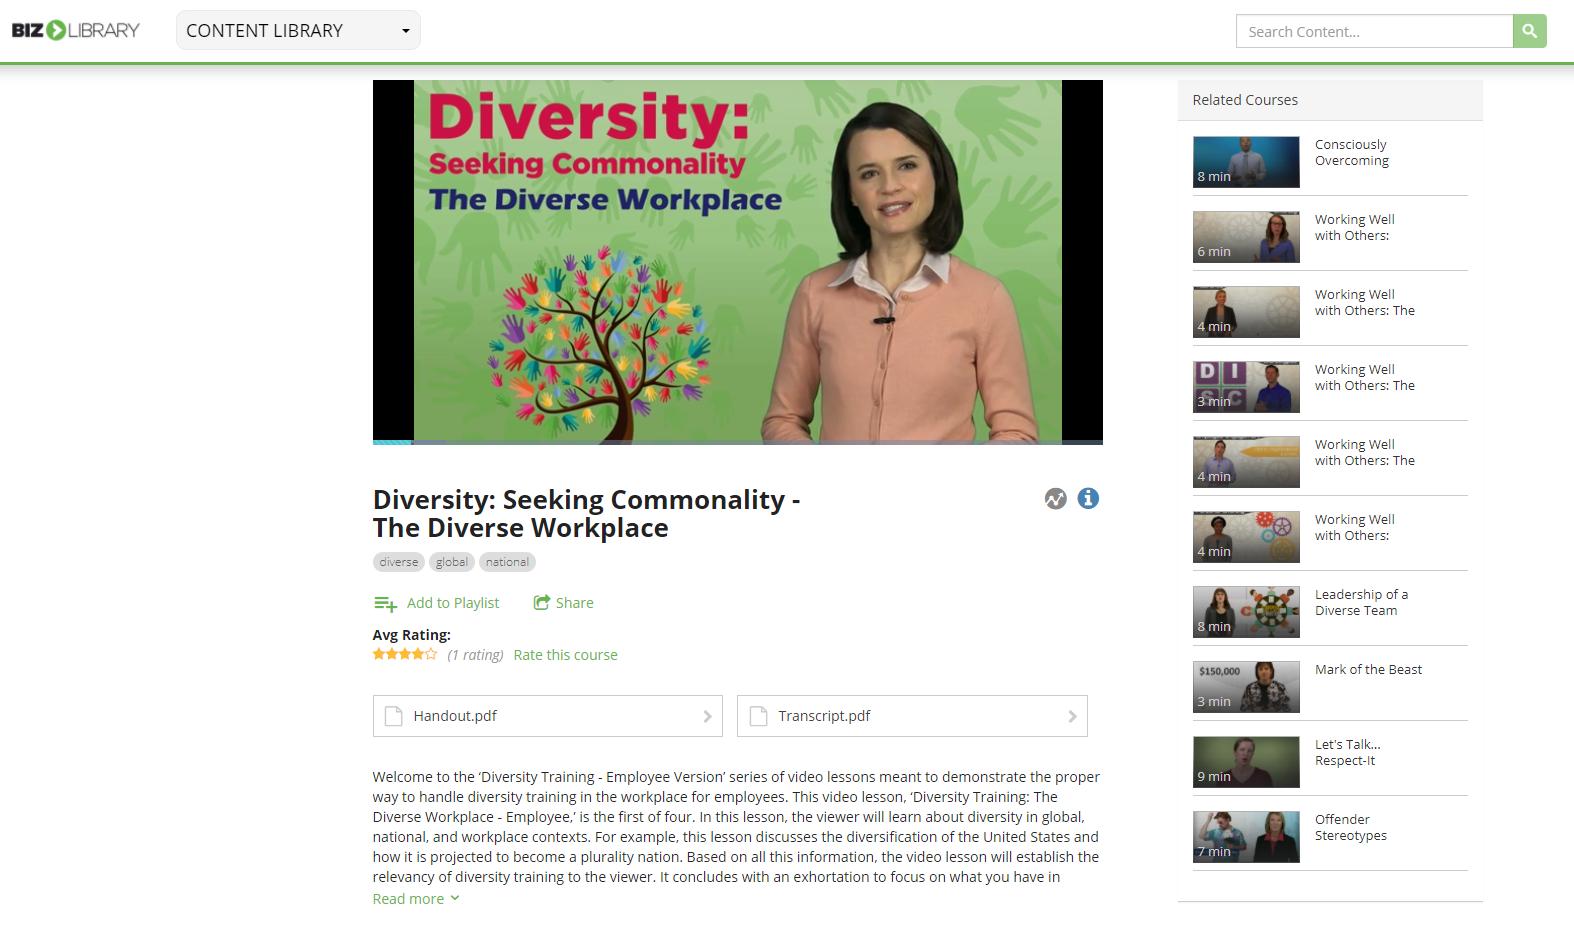 Diversity video lesson